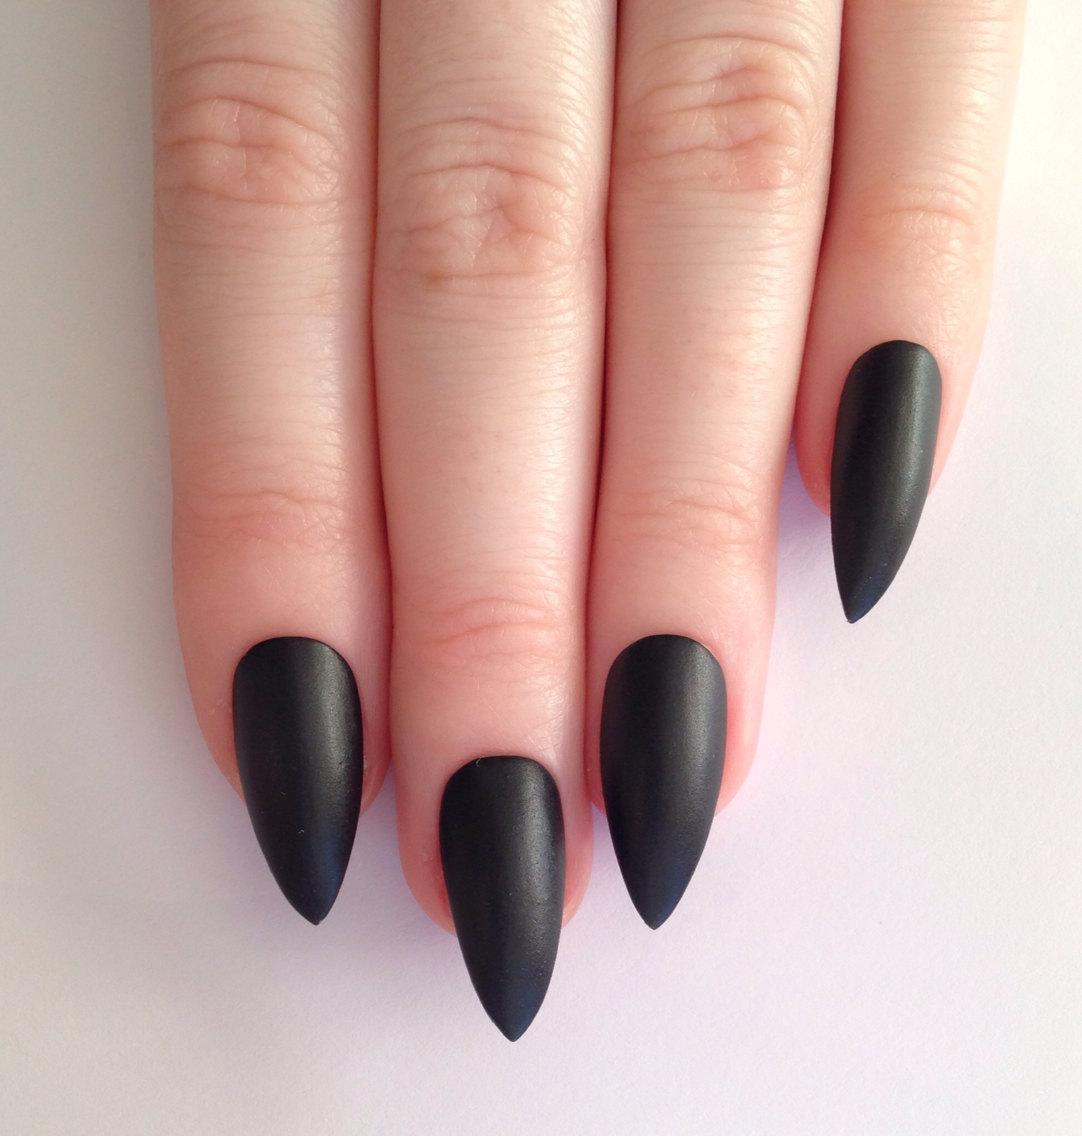 mat black stiletto nails photo - 1